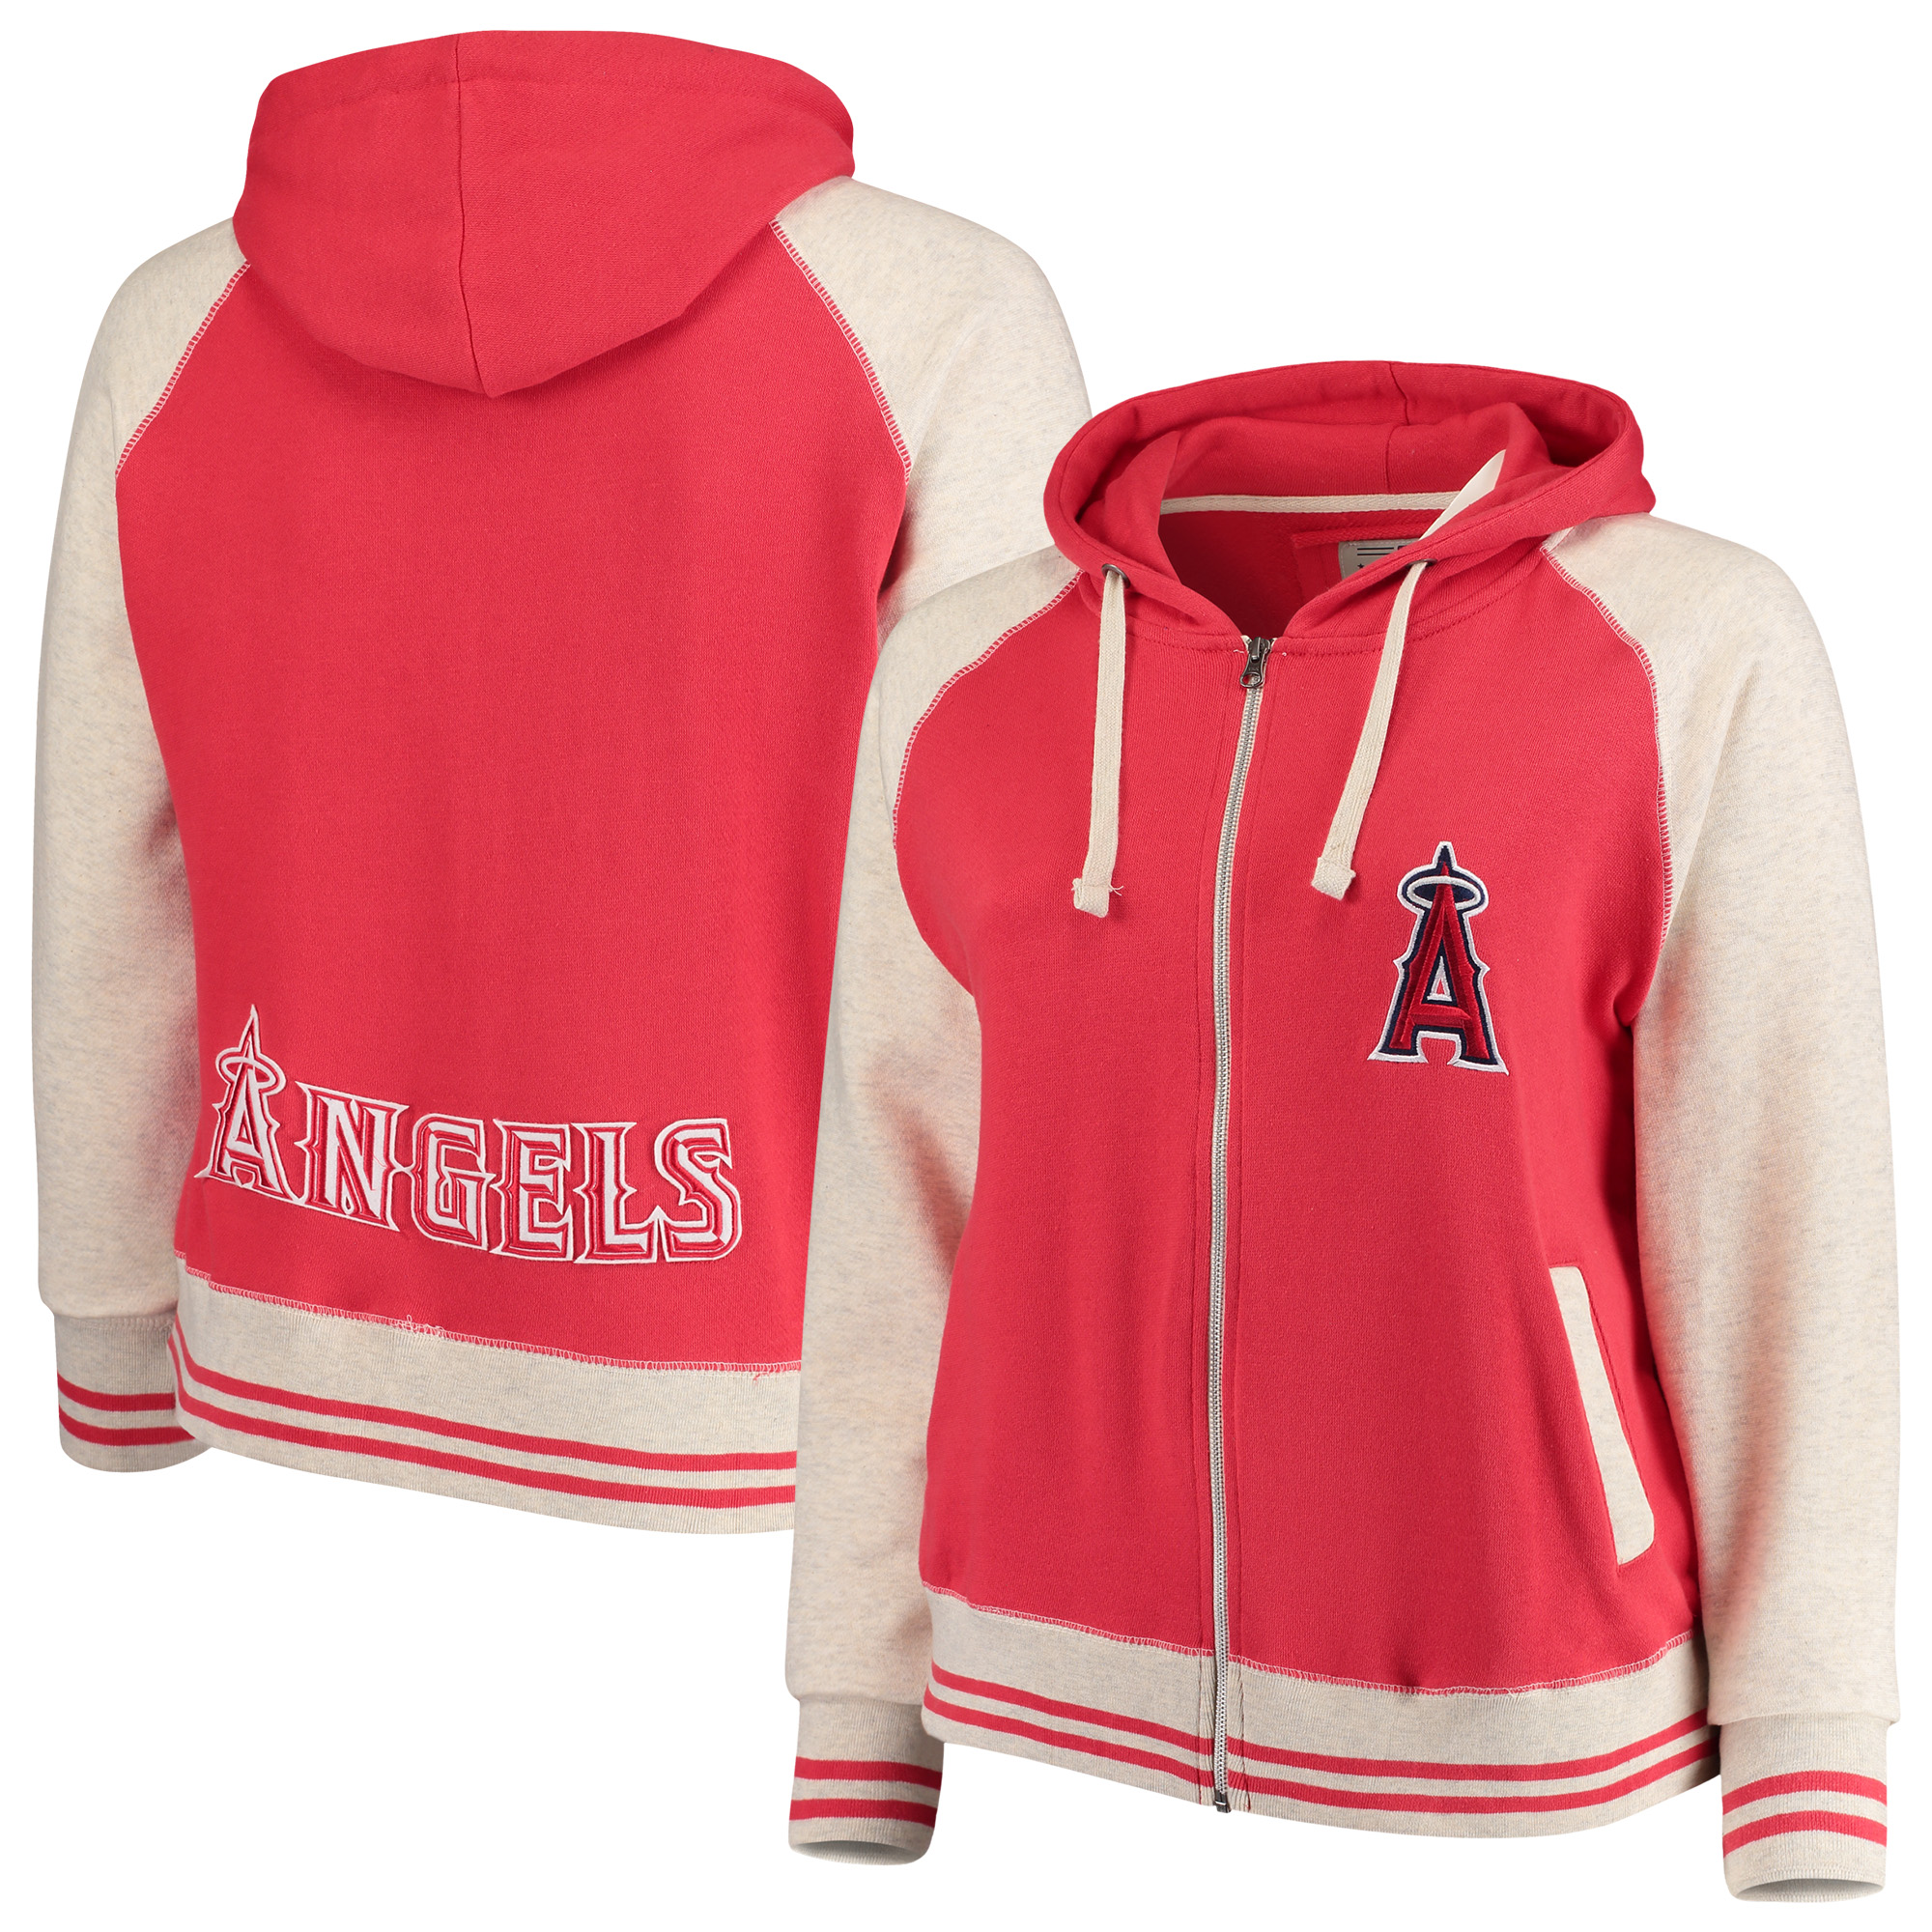 Los Angeles Angels Soft as a Grape Women's Plus Size Varsity Raglan Full-Zip Hoodie - Red/Cream